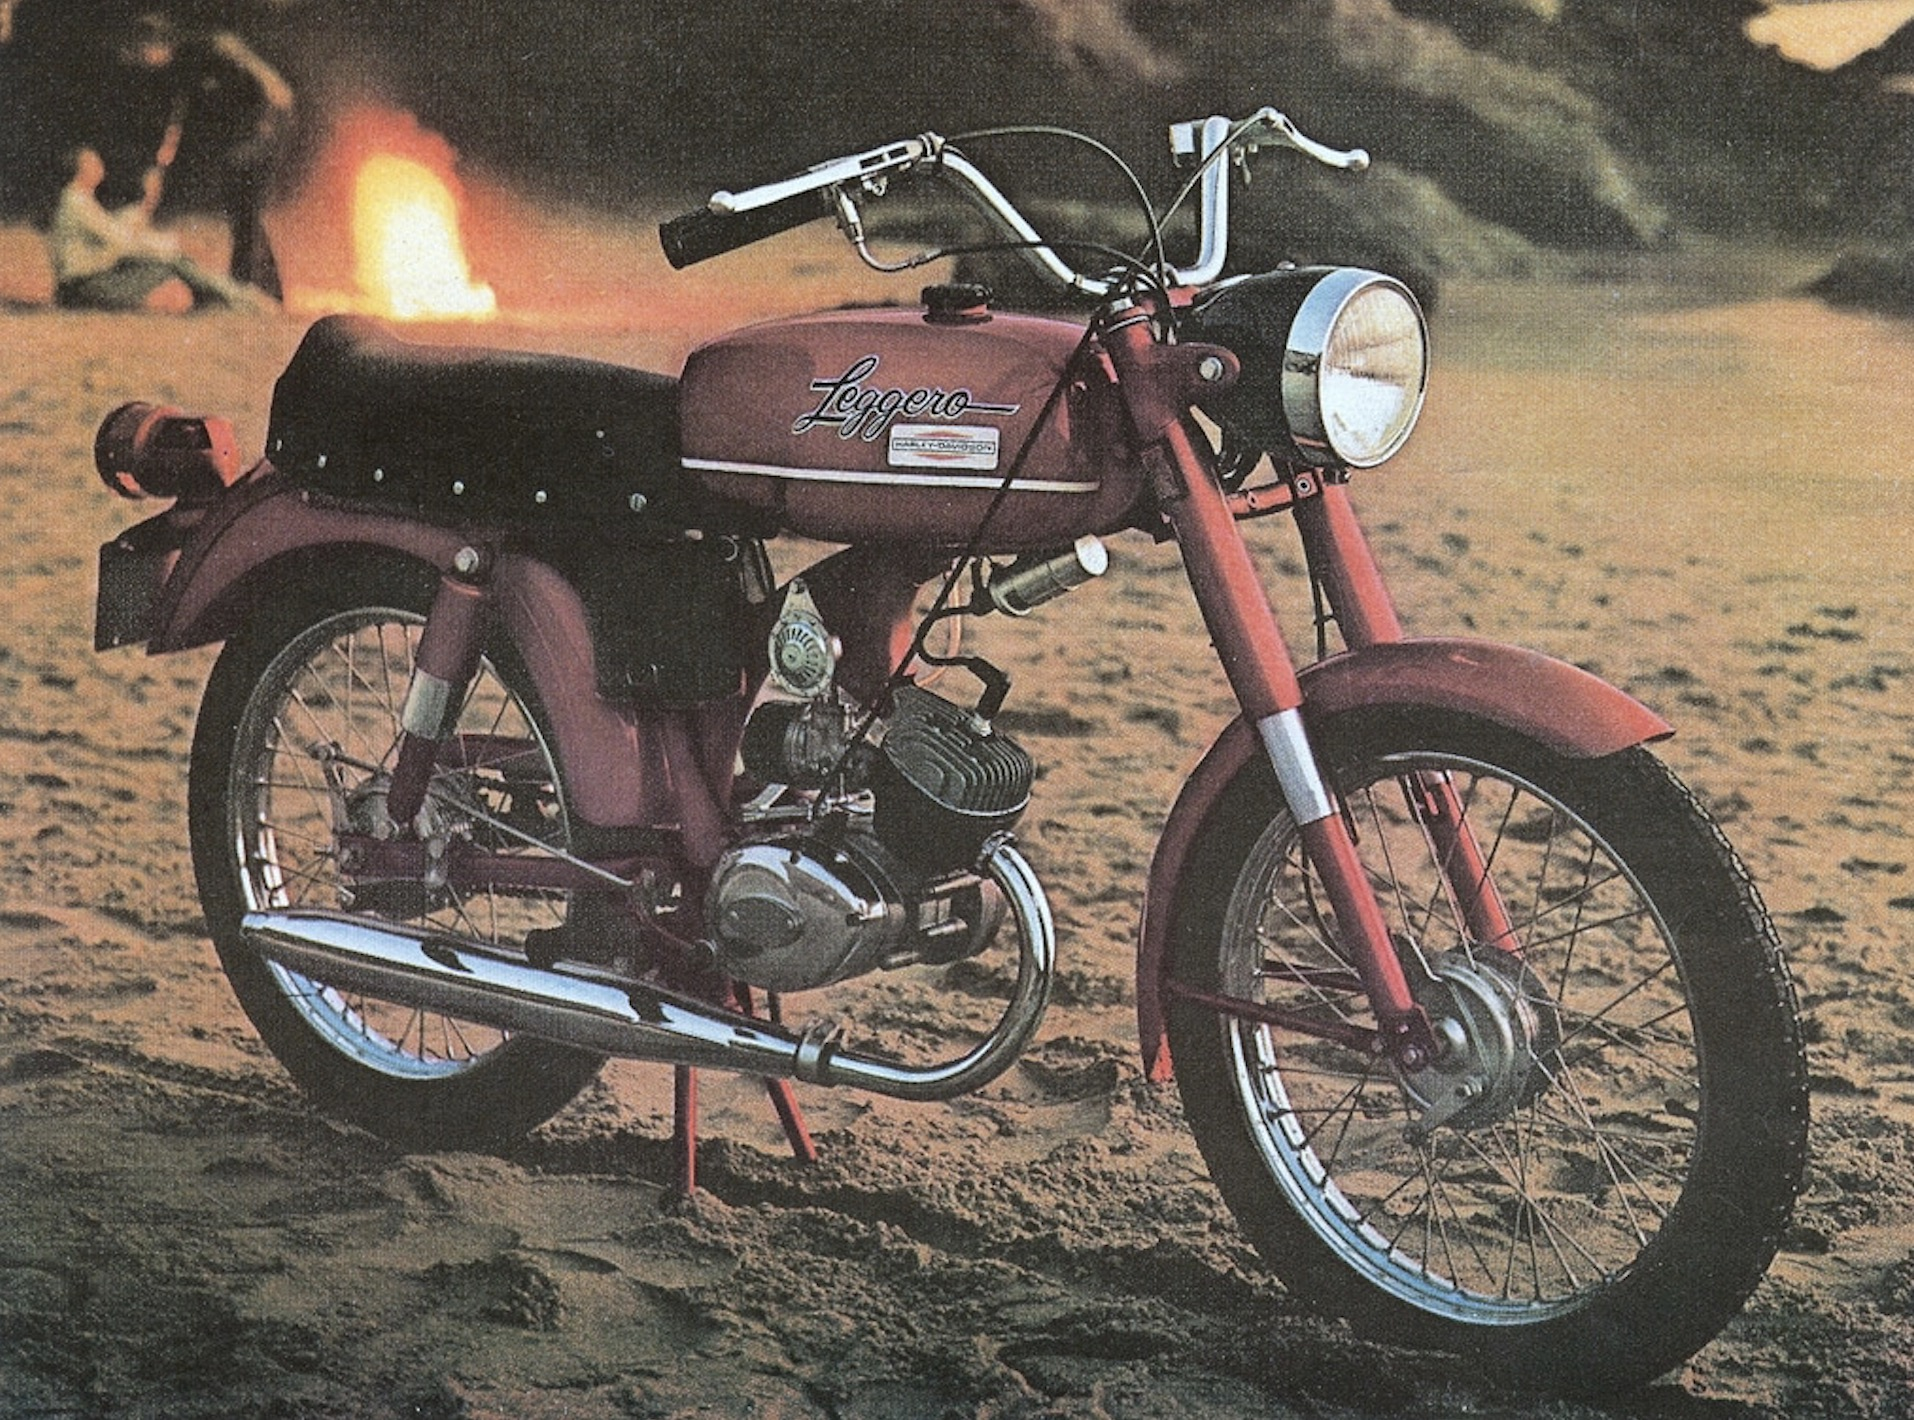 M-65 - Leggero